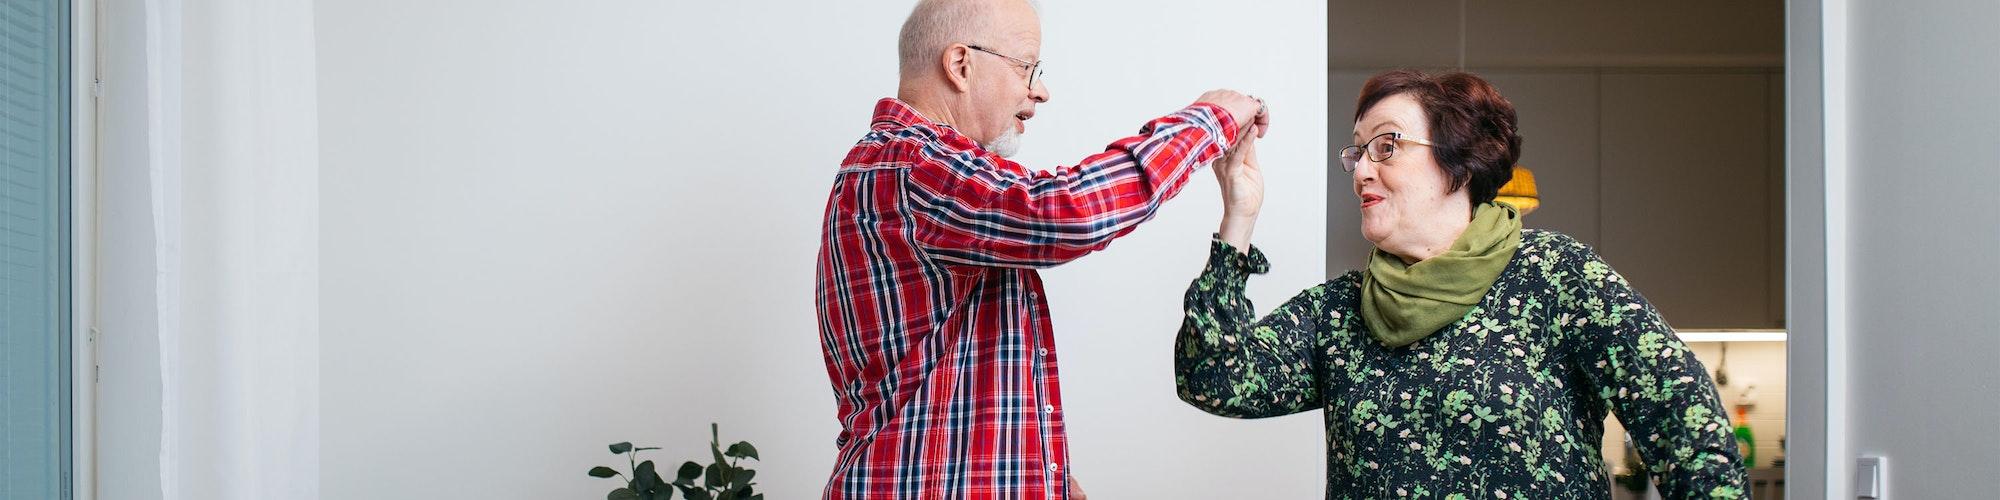 Seniori-pariskunta tanssii vuokra-asunnon olohuoneessa